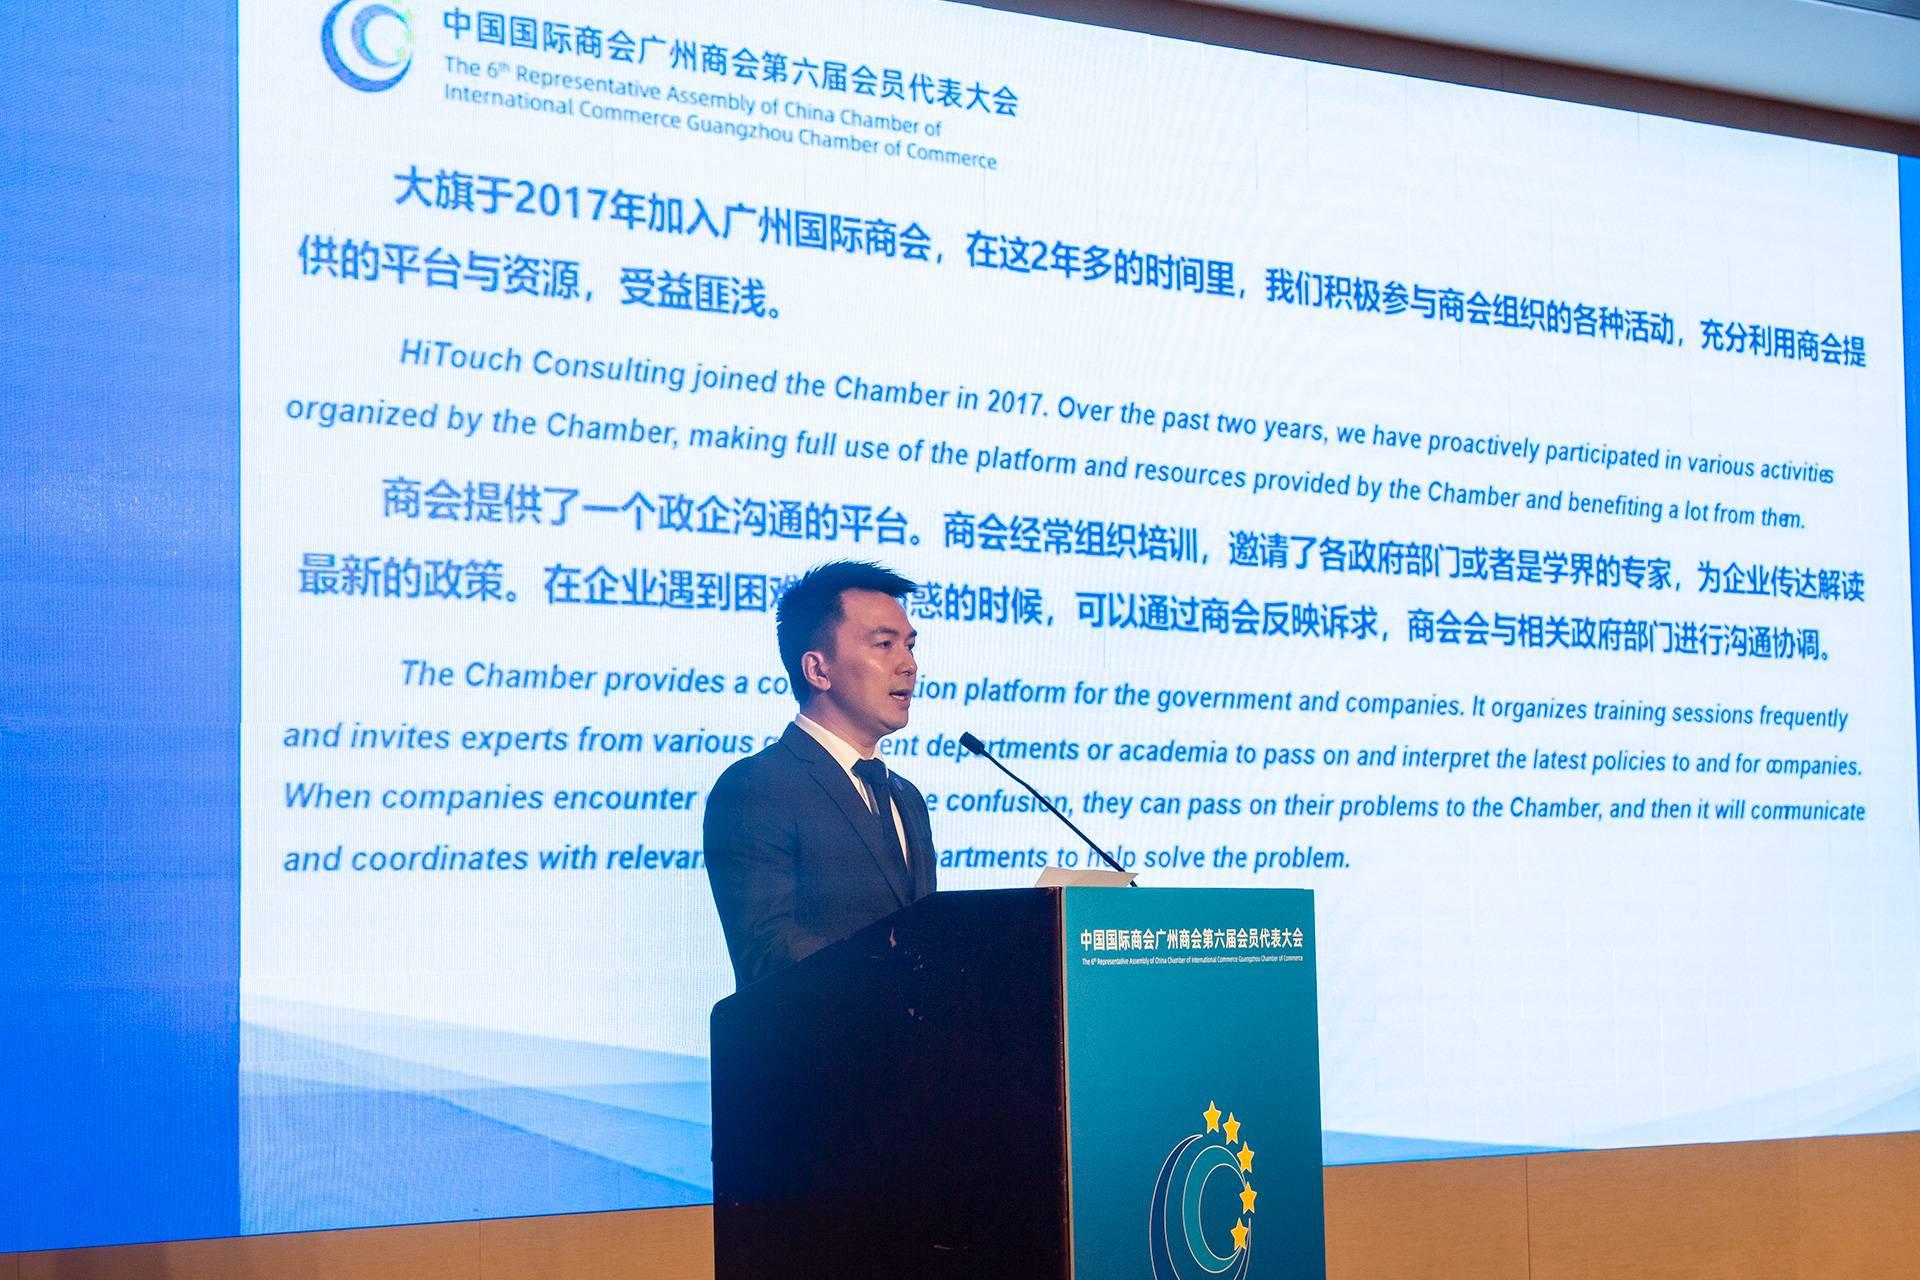 大旗當選為新一屆廣州國際商會副會長單位(圖2)